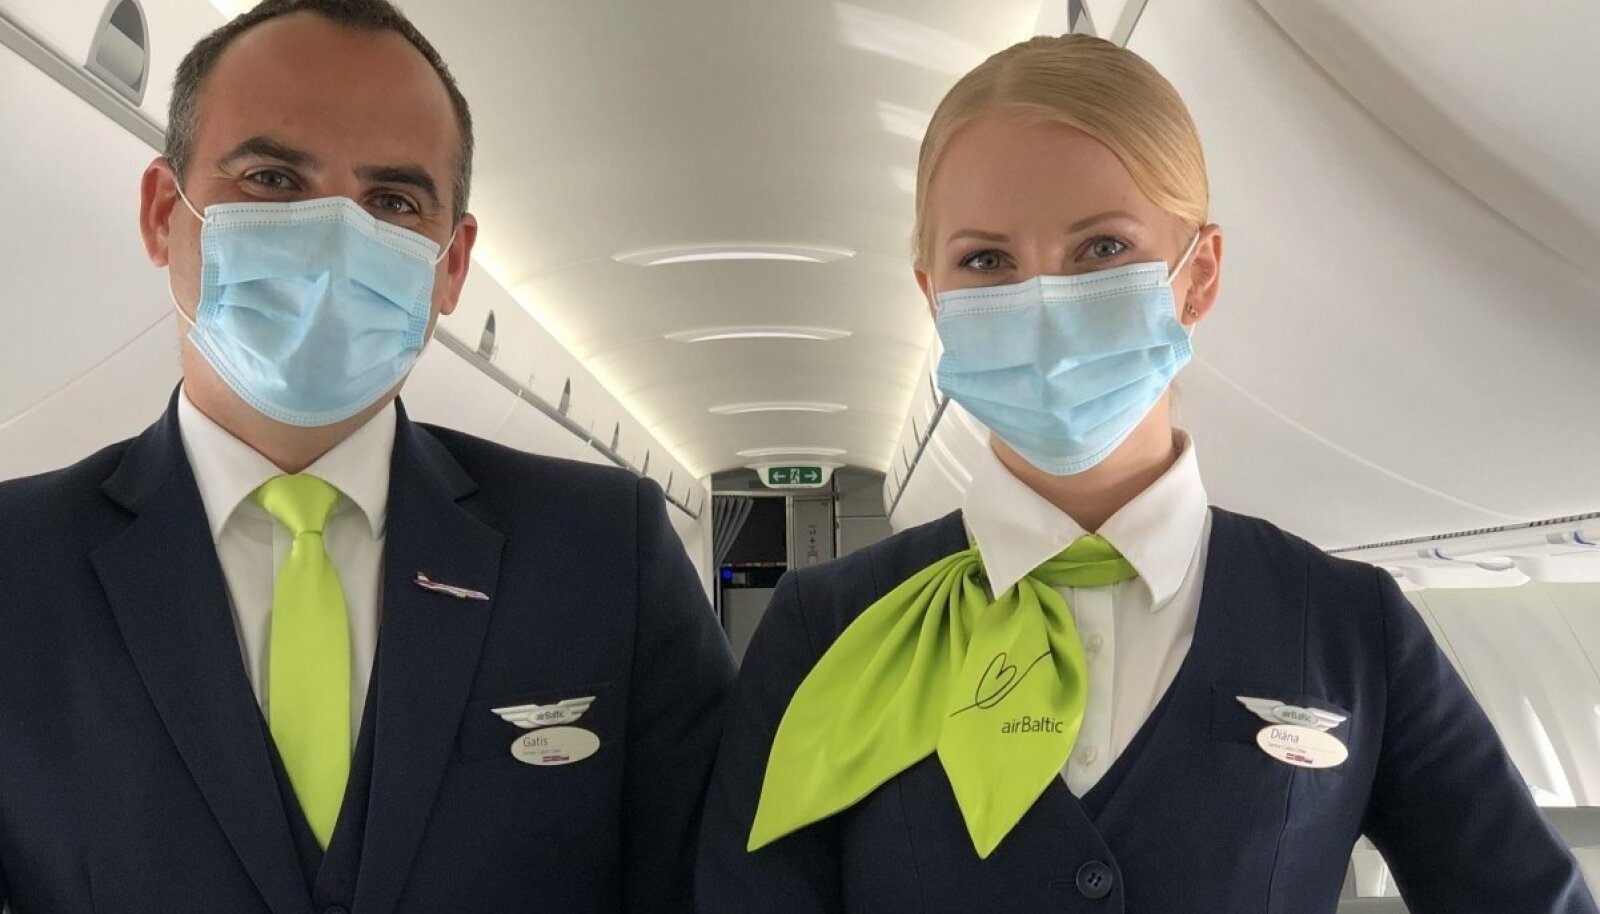 Иллюстративное фото. Представленные на фото сотрудники airBaltic в статье не упоминаются.